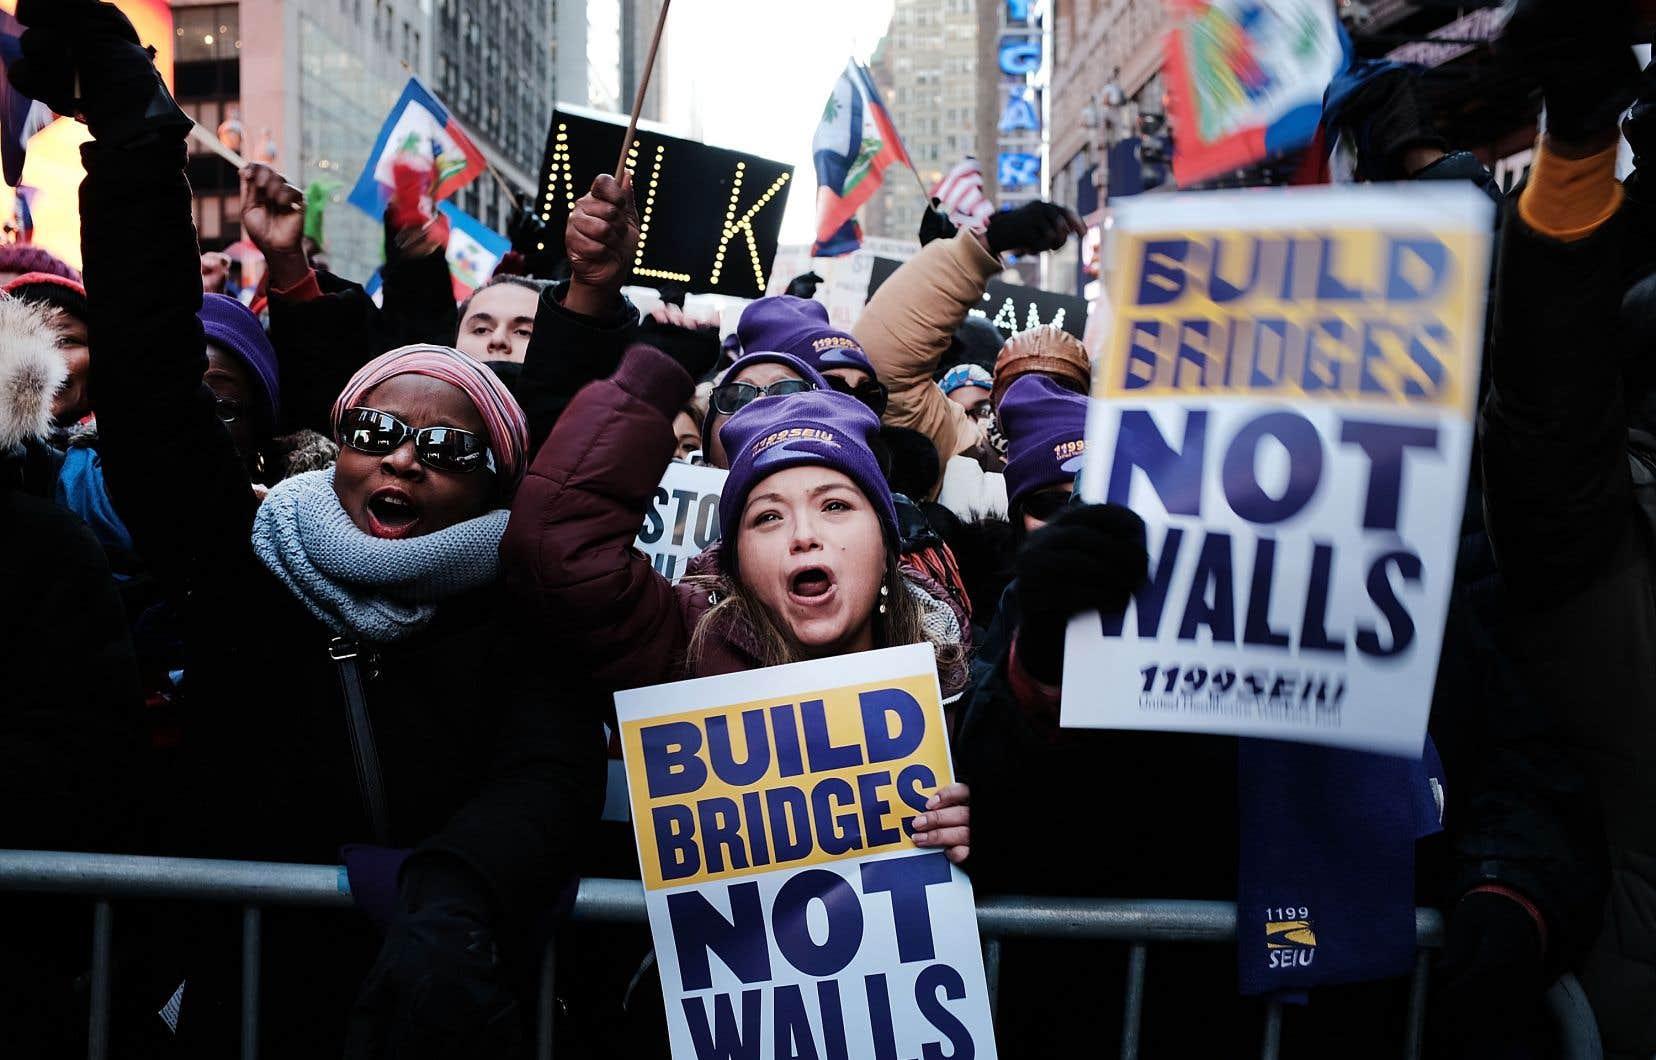 Des centaines de personnes ont manifesté contre le racisme à Times Square, lundi, pendant la journée Martin Luther King.